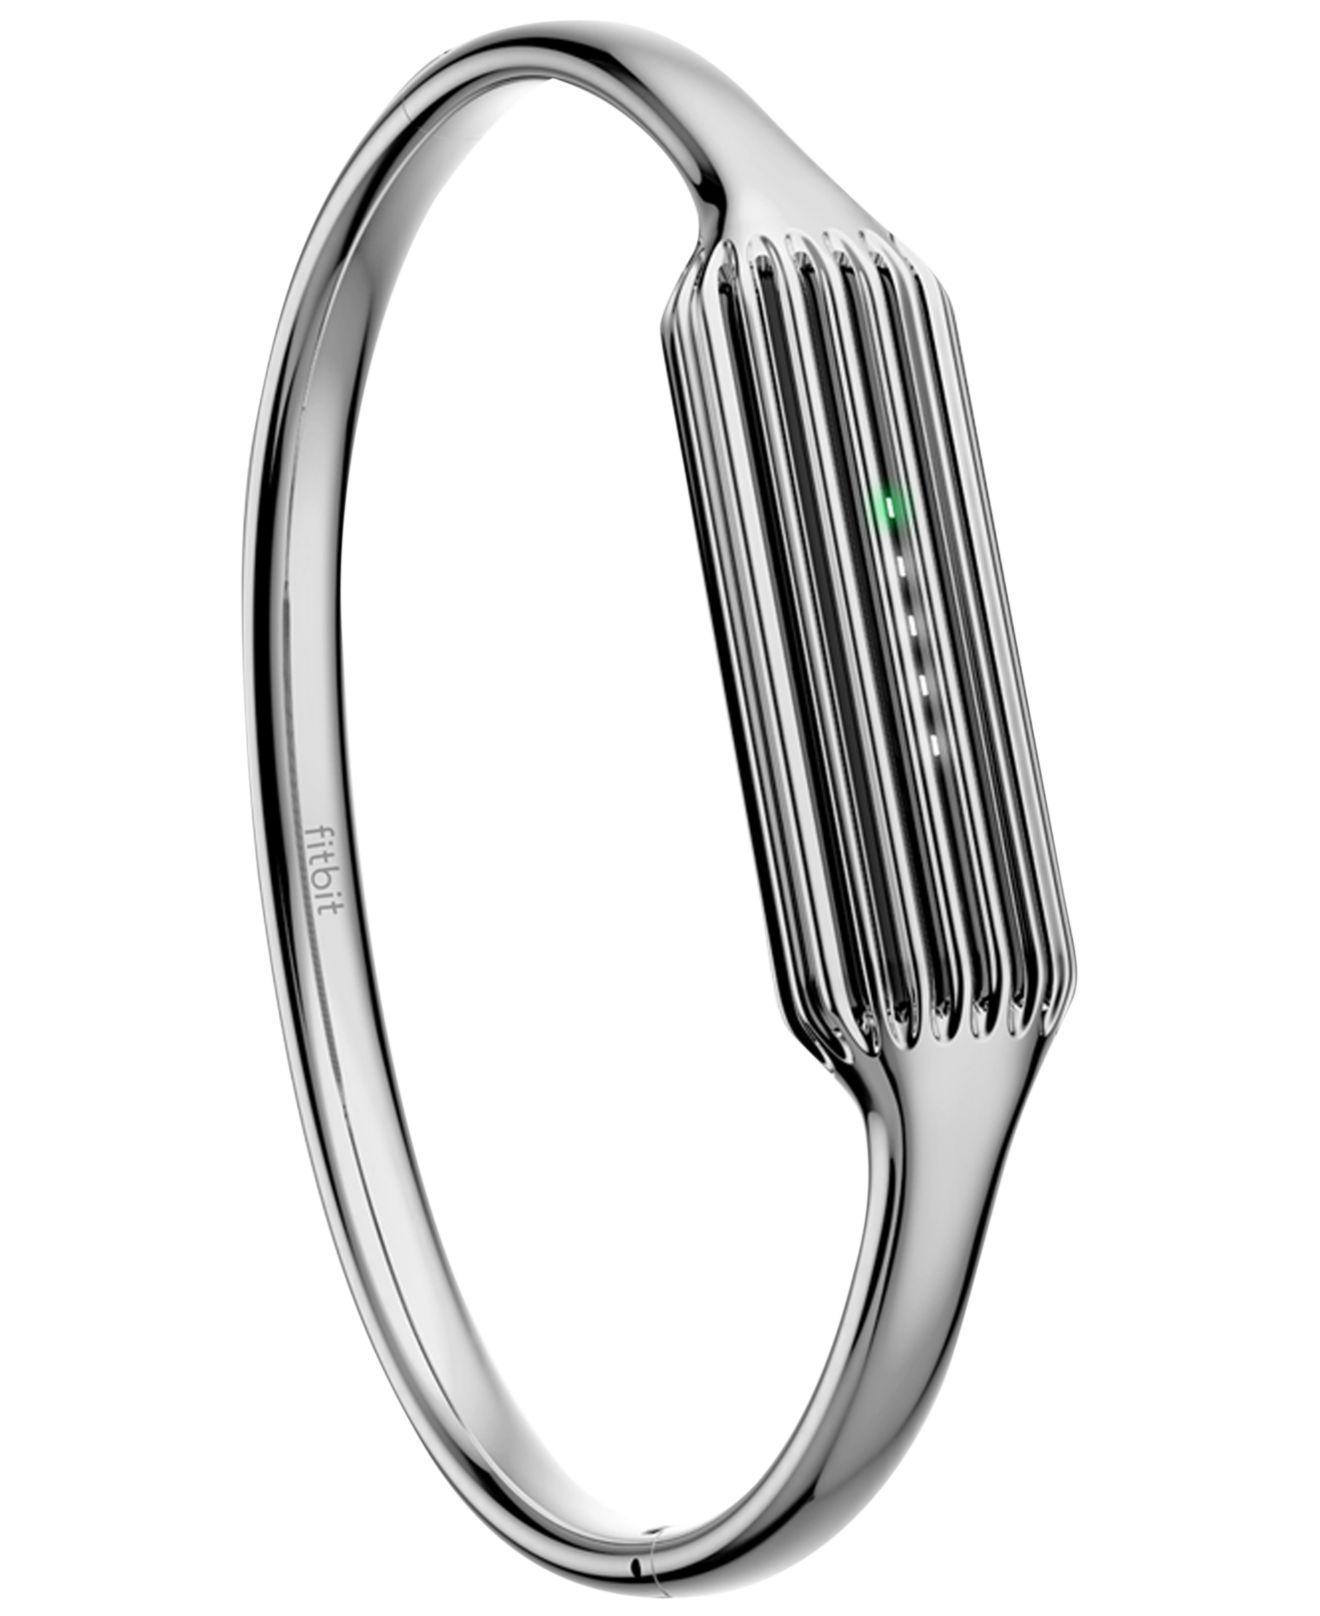 Lyst - Fitbit Women's Flex 2 Premium Stainless Steel